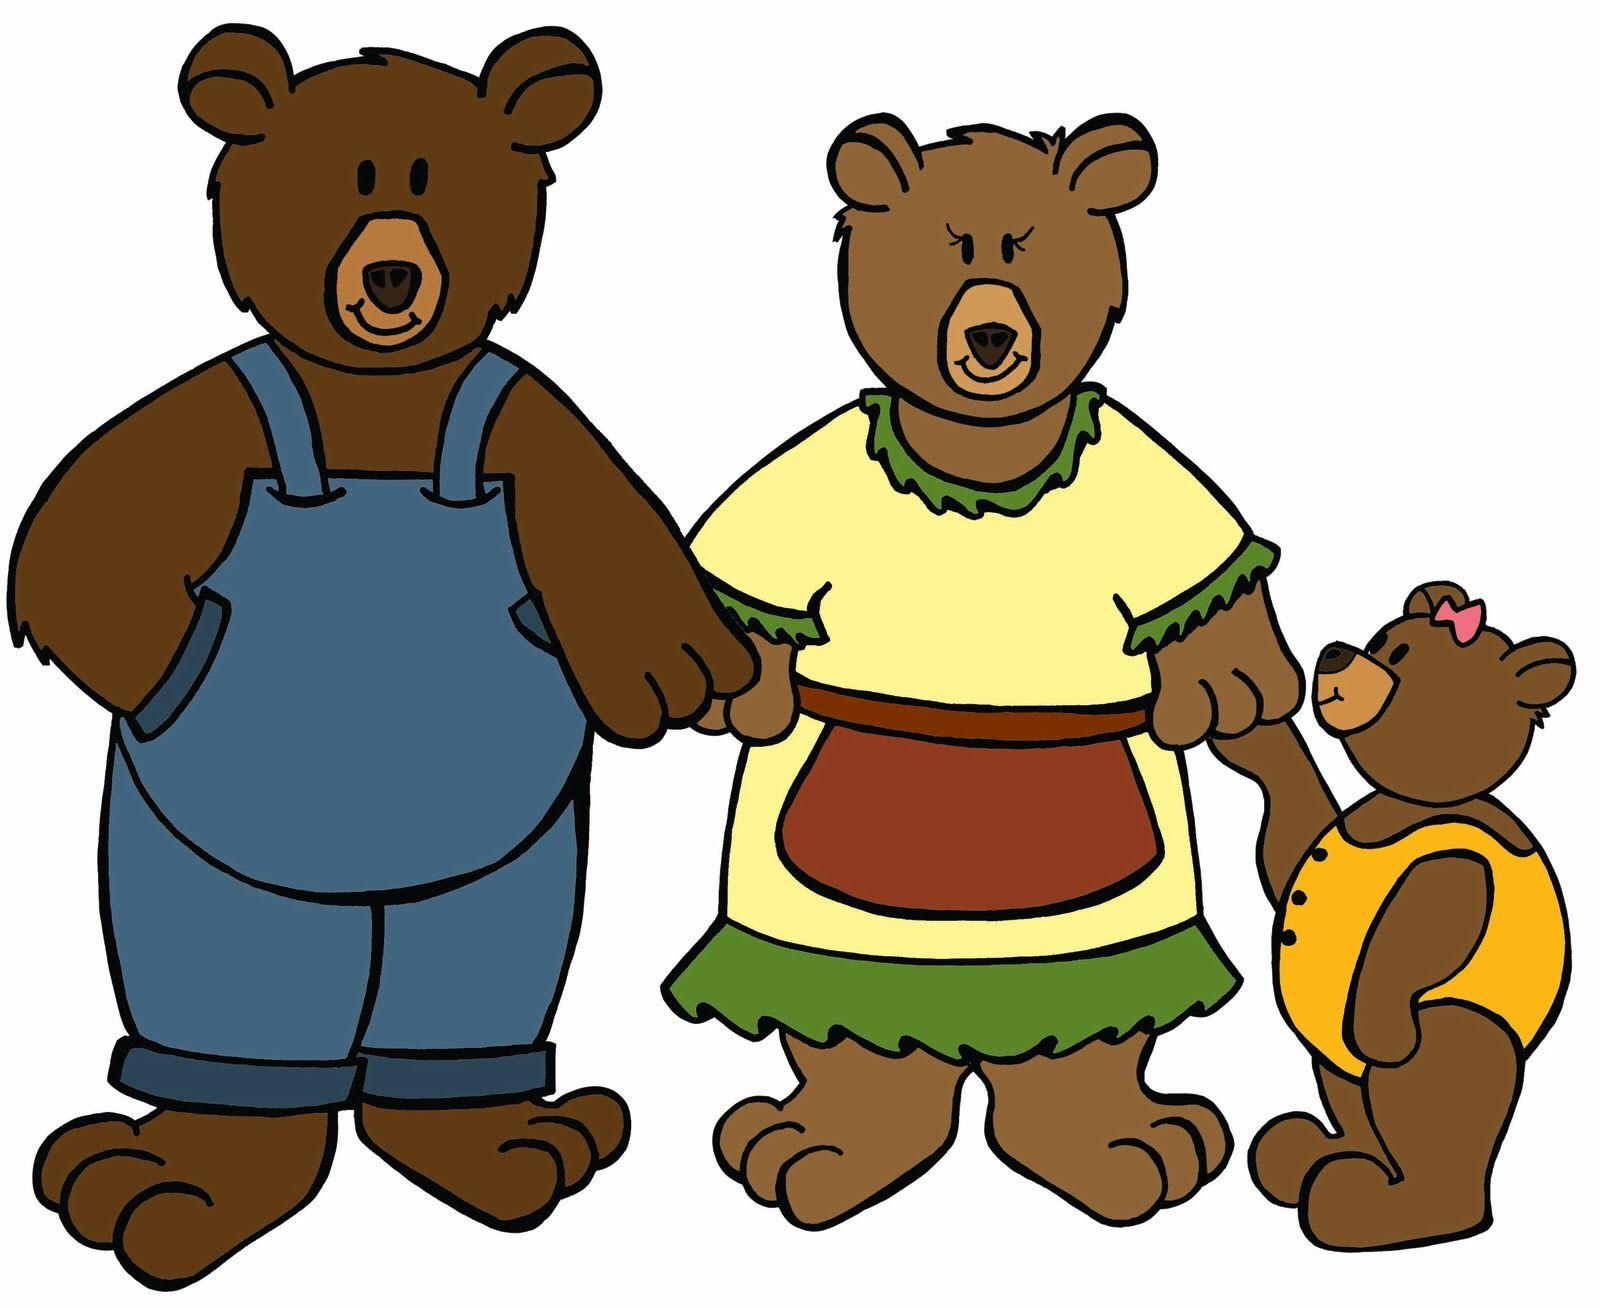 teddy bear family clip art t bears 1 clipart pinterest bears rh pinterest com clipart of bear and wolves clipart of bear and wolves